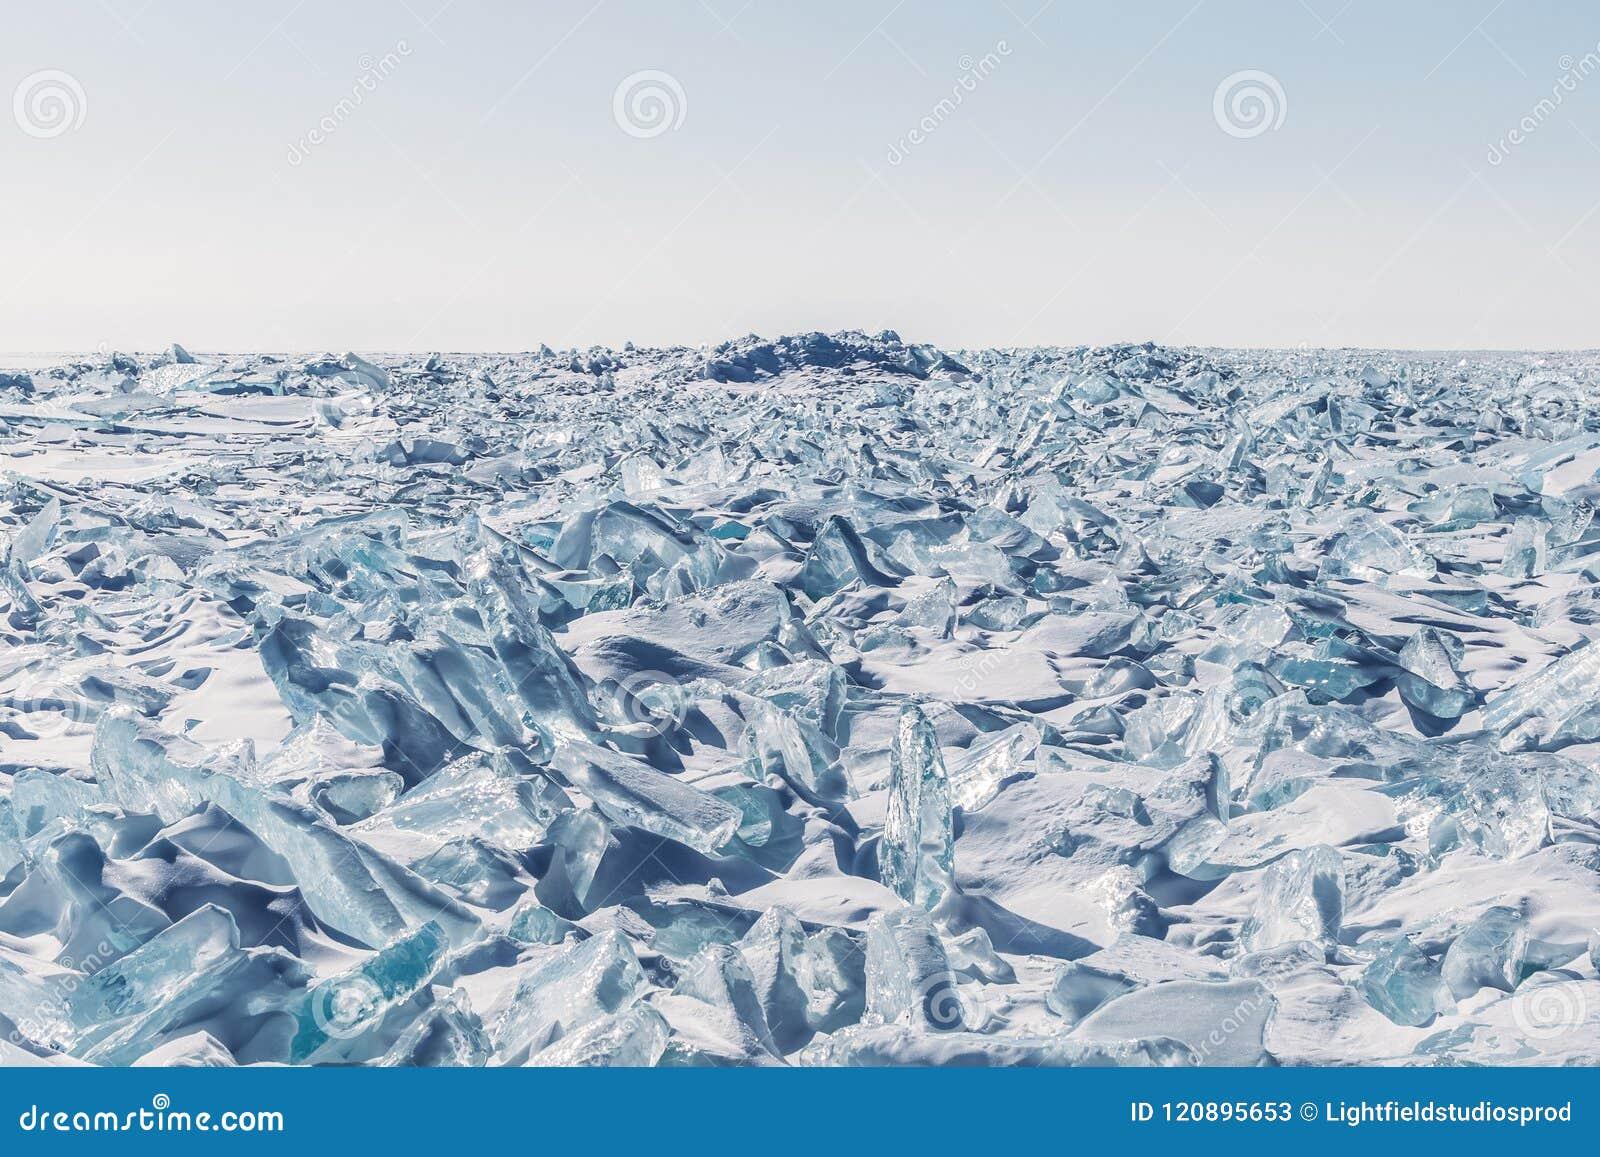 Visión escénica asombrosa con hielo y nieve en el lago Baikal congelado,